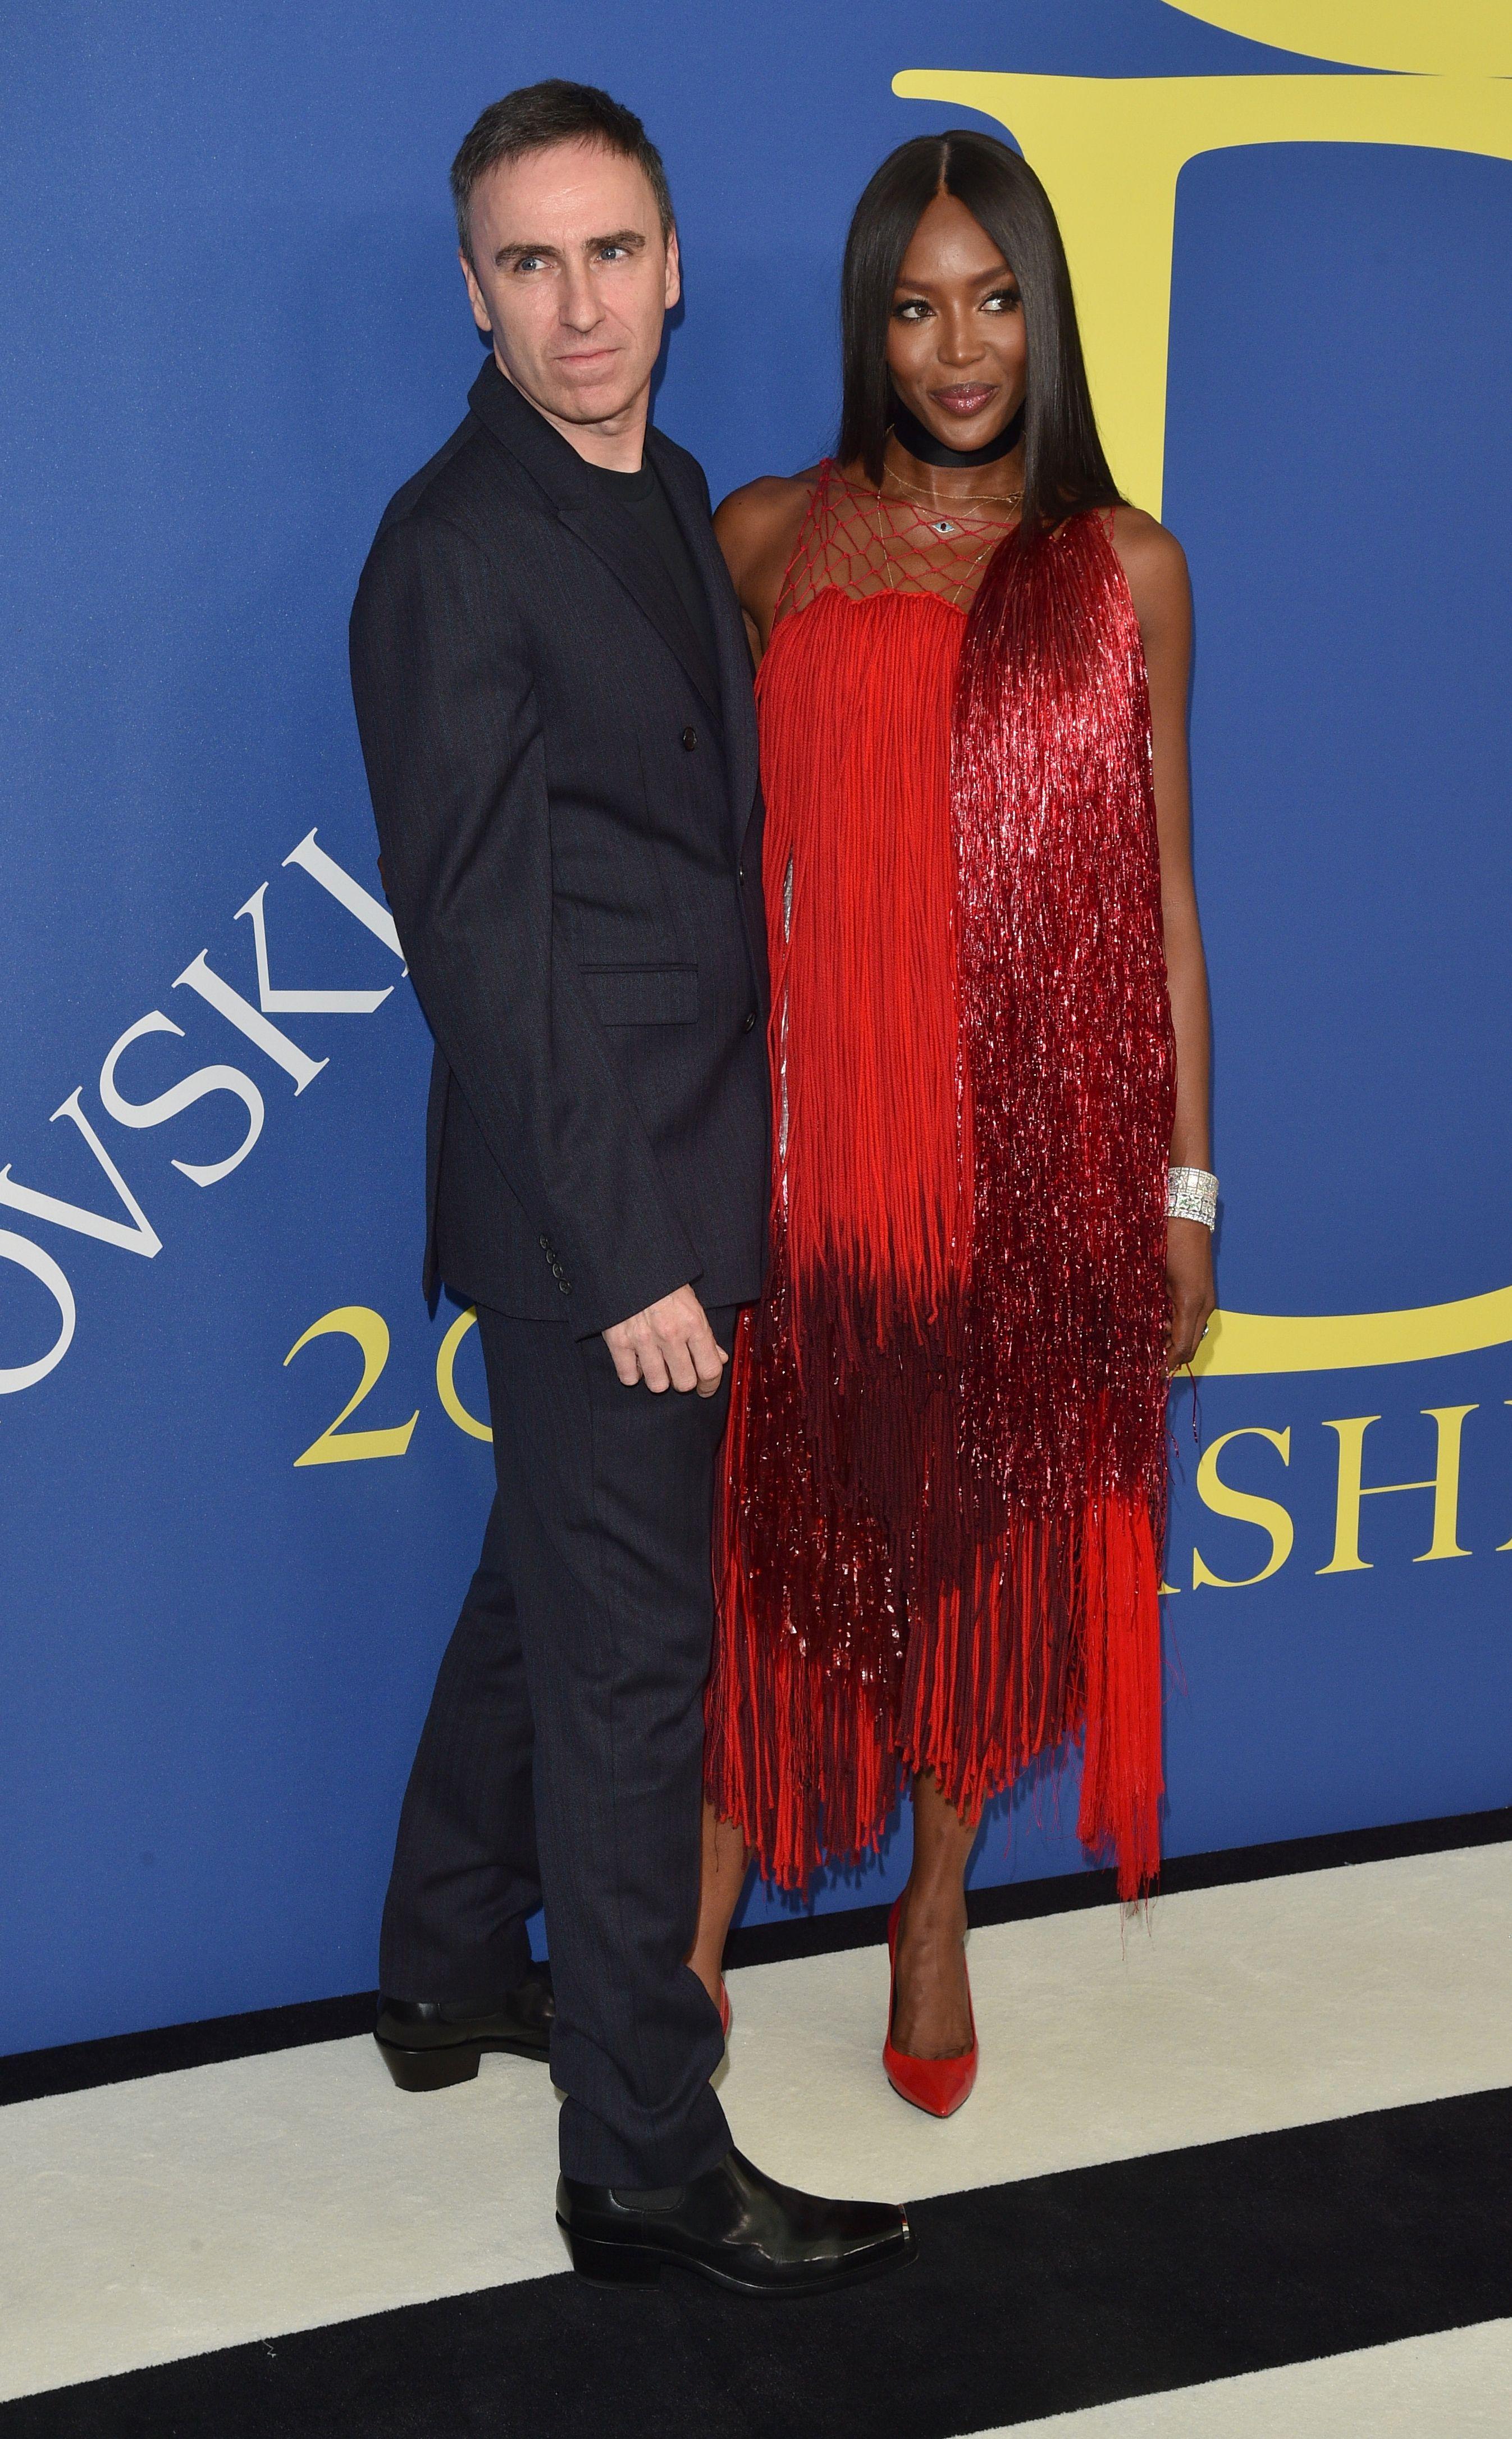 Naomi Campbell and Raf Simons